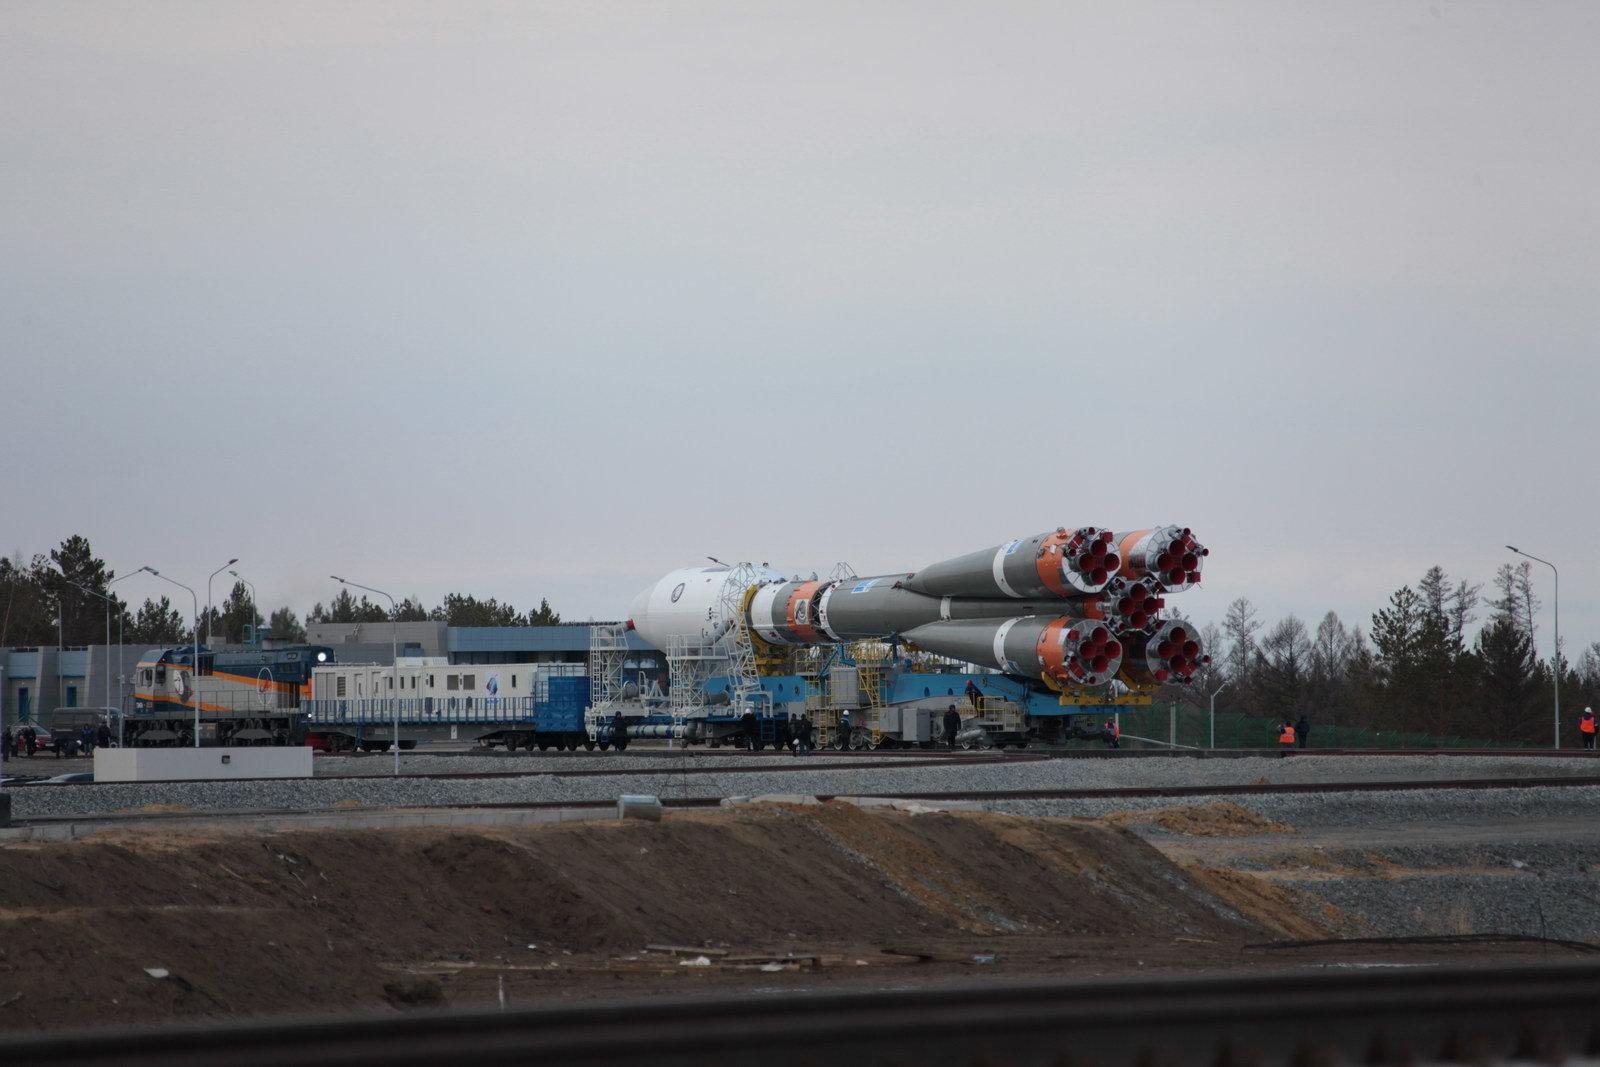 На космодроме Восточный установили ракету-носитель «Союз 2.1а» для первого запуска - 7